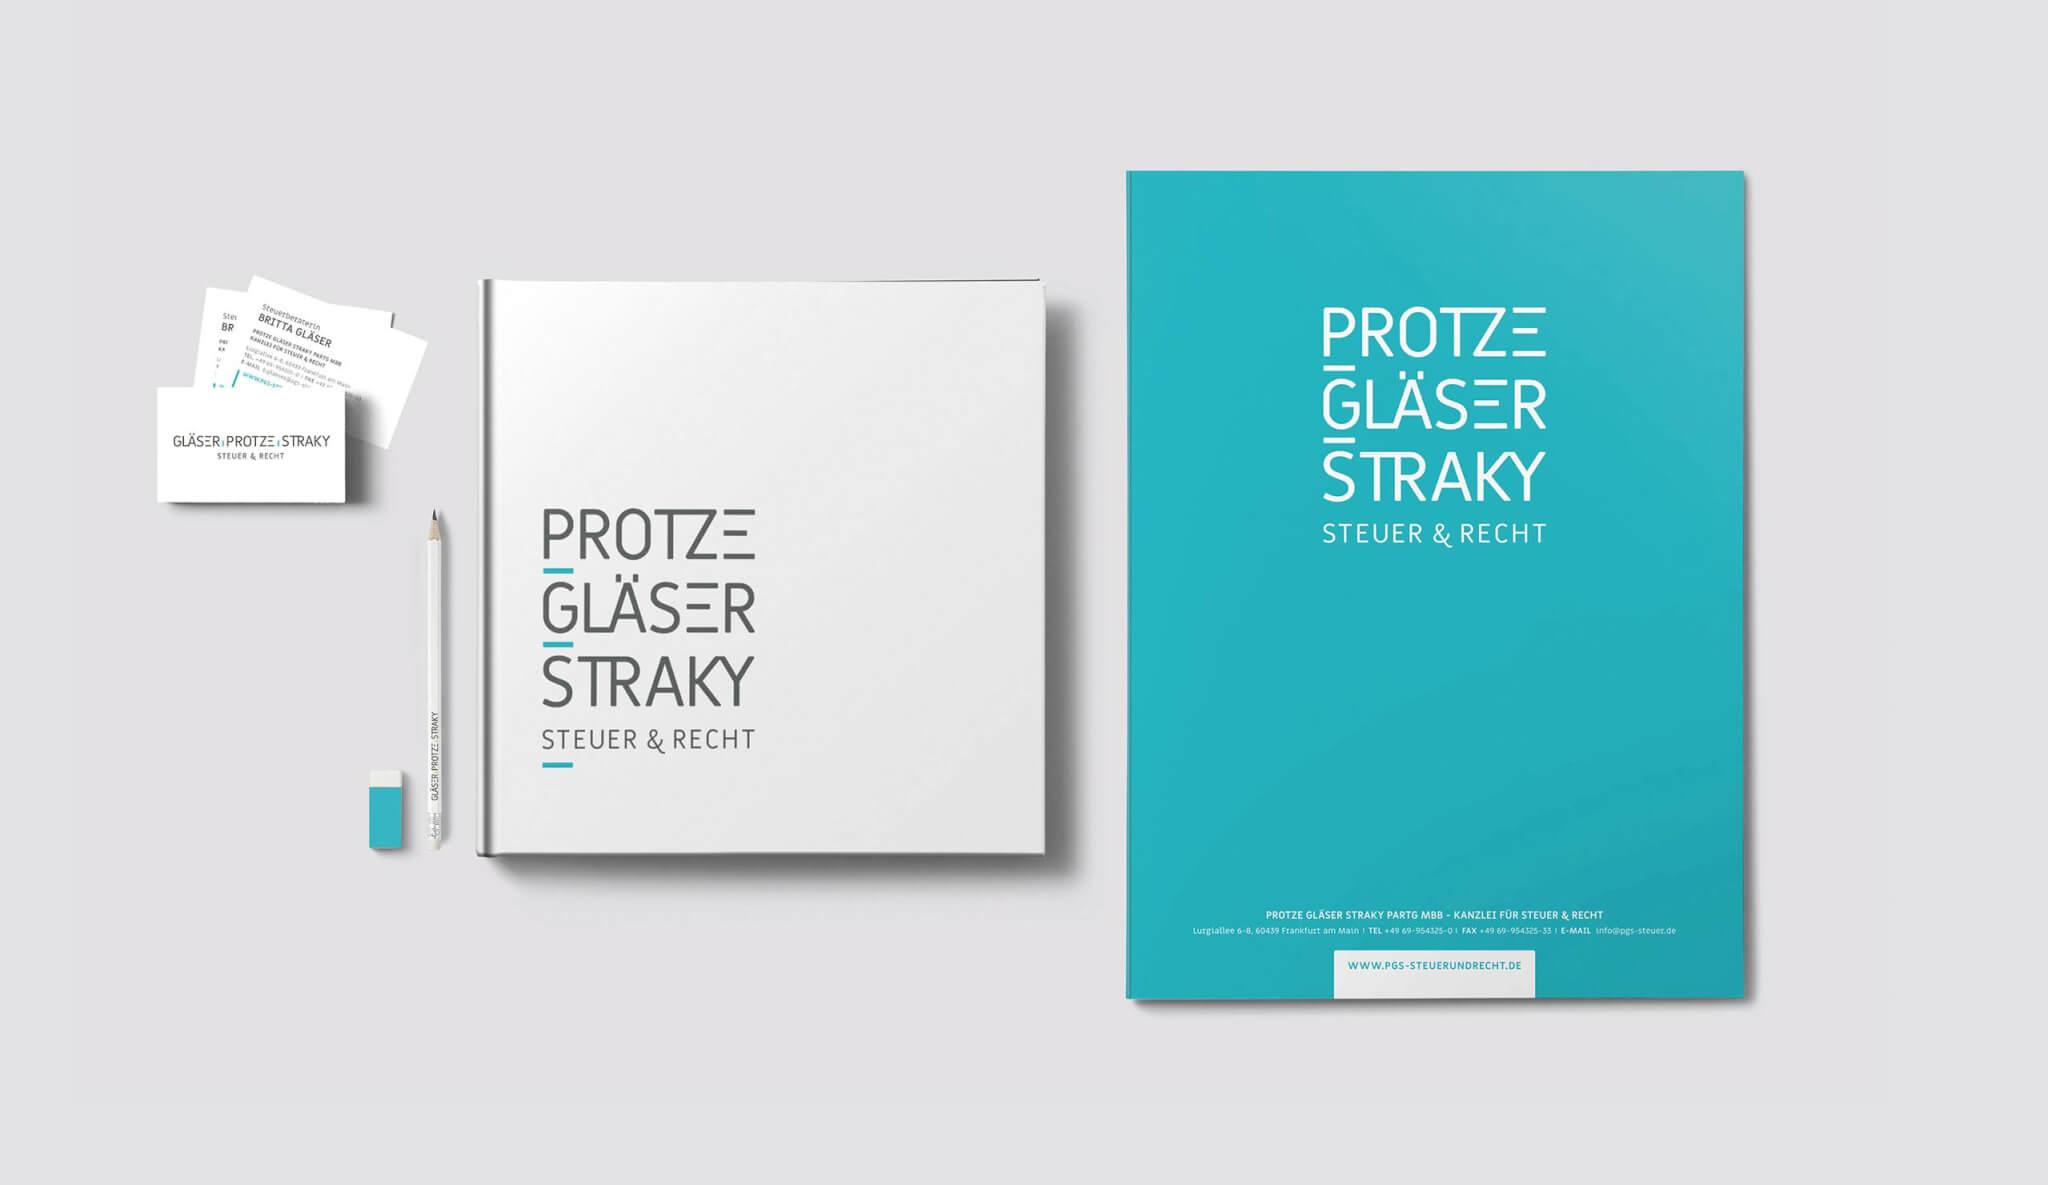 Corporate-Design und Geschaeftsausstattung-Frankfurt der Steuerkanzlei Protze Glaeser Straky